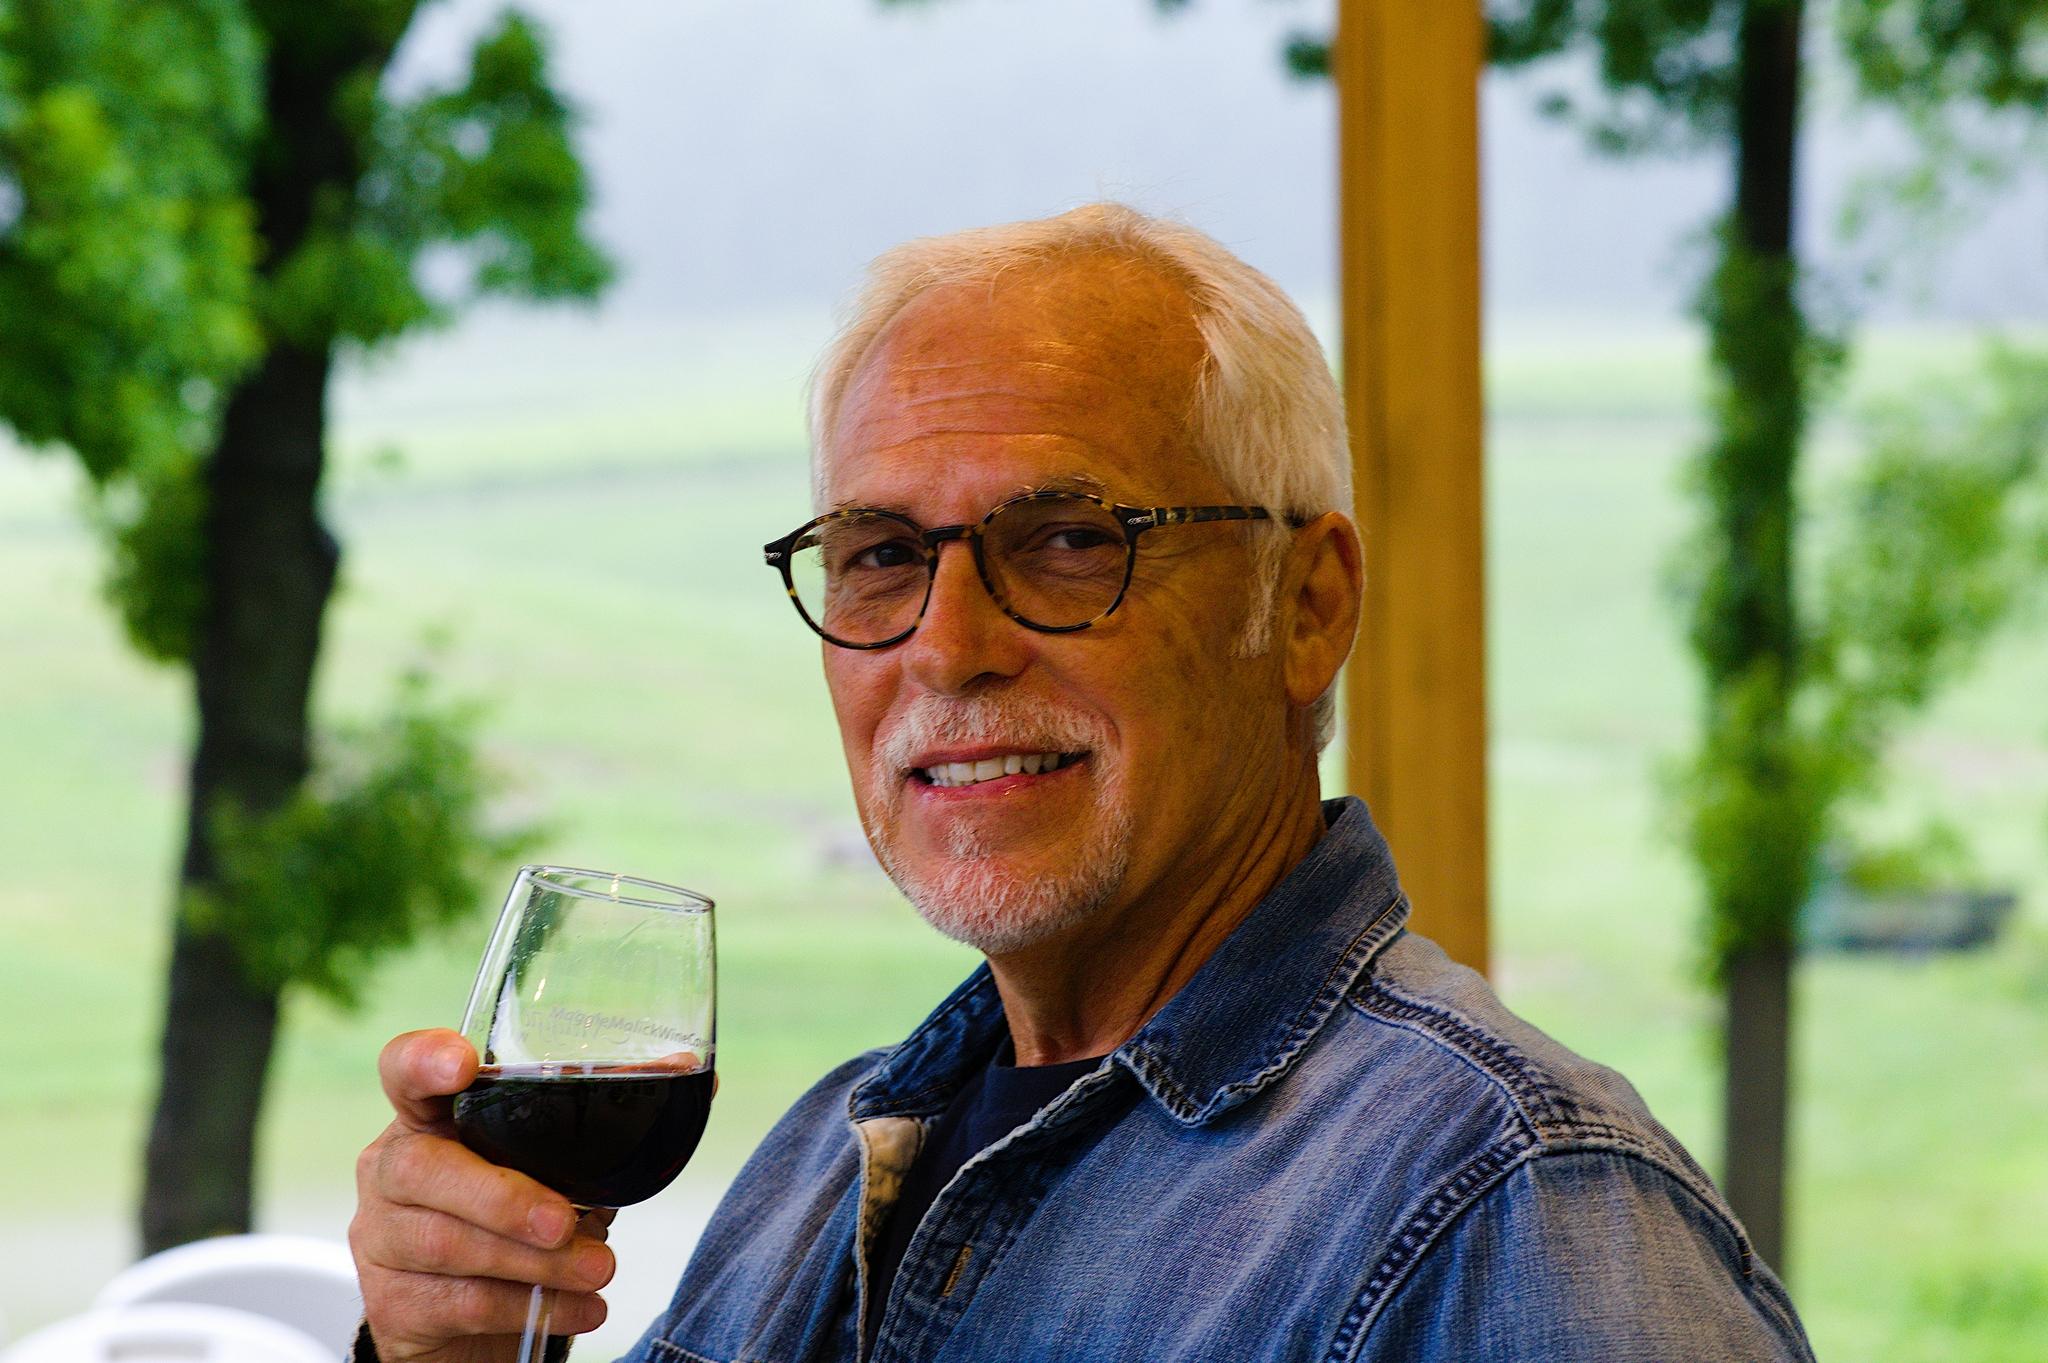 Gentleman tasting wine